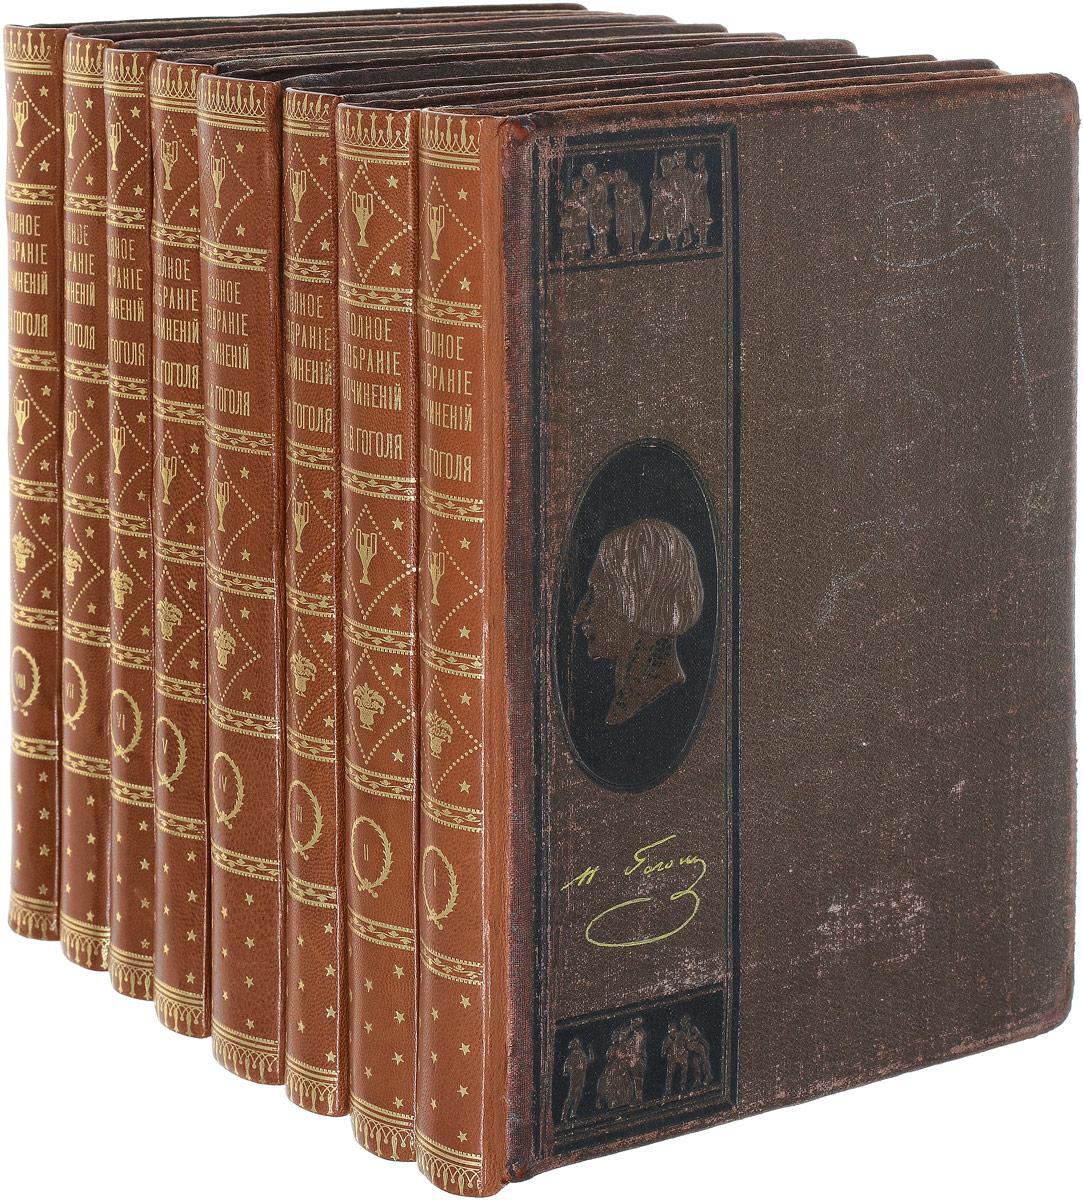 Н. В. Гоголь Иллюстрированное полное собрание сочинений Н. В. Гоголя в 8 томах (комплект из 8 книг)